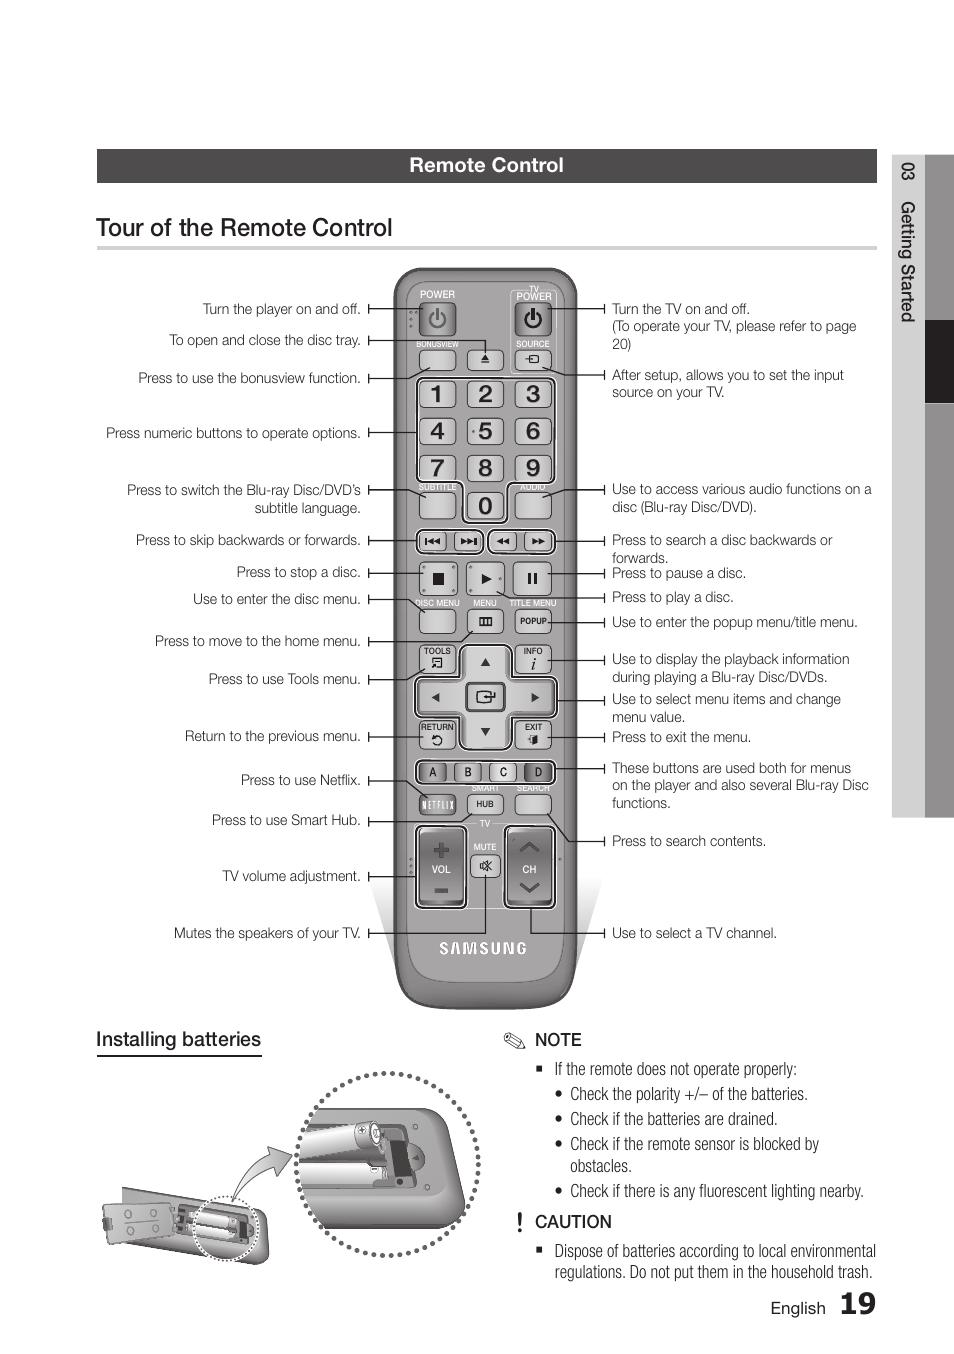 Remote control, Tour of the remote control, 19 remote